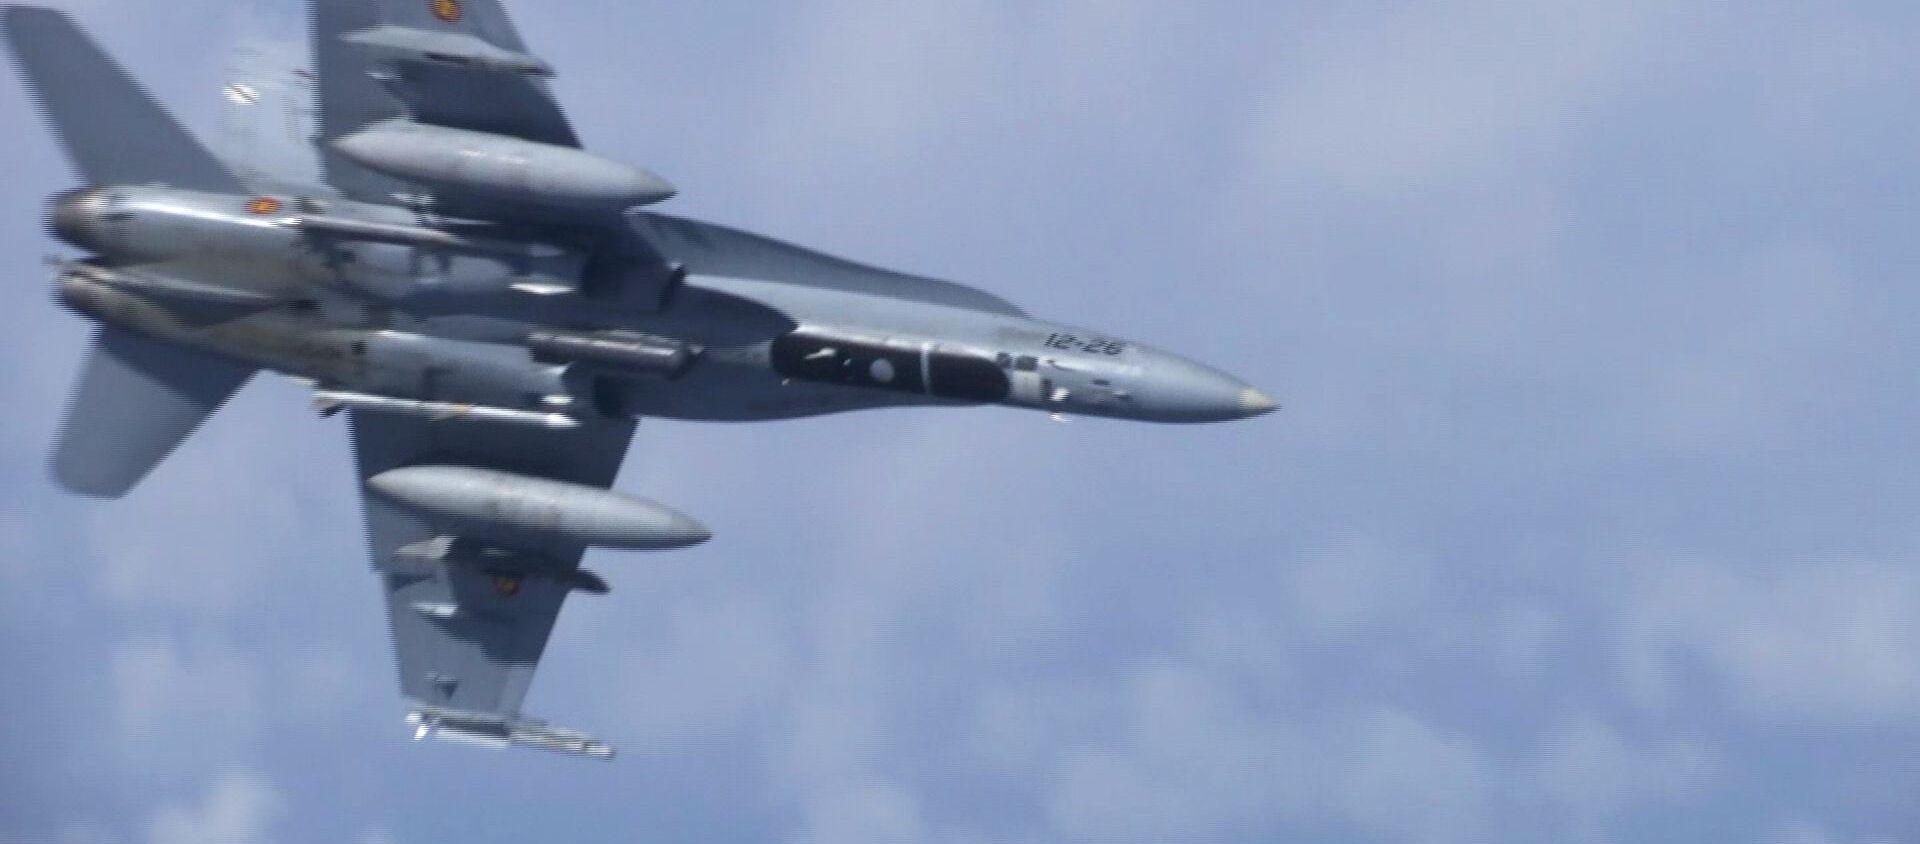 Caccia F-18 della NATO ha cercato di avvicinarsi all'aereo Shoygu sul Baltico - Sputnik Italia, 1920, 13.05.2021